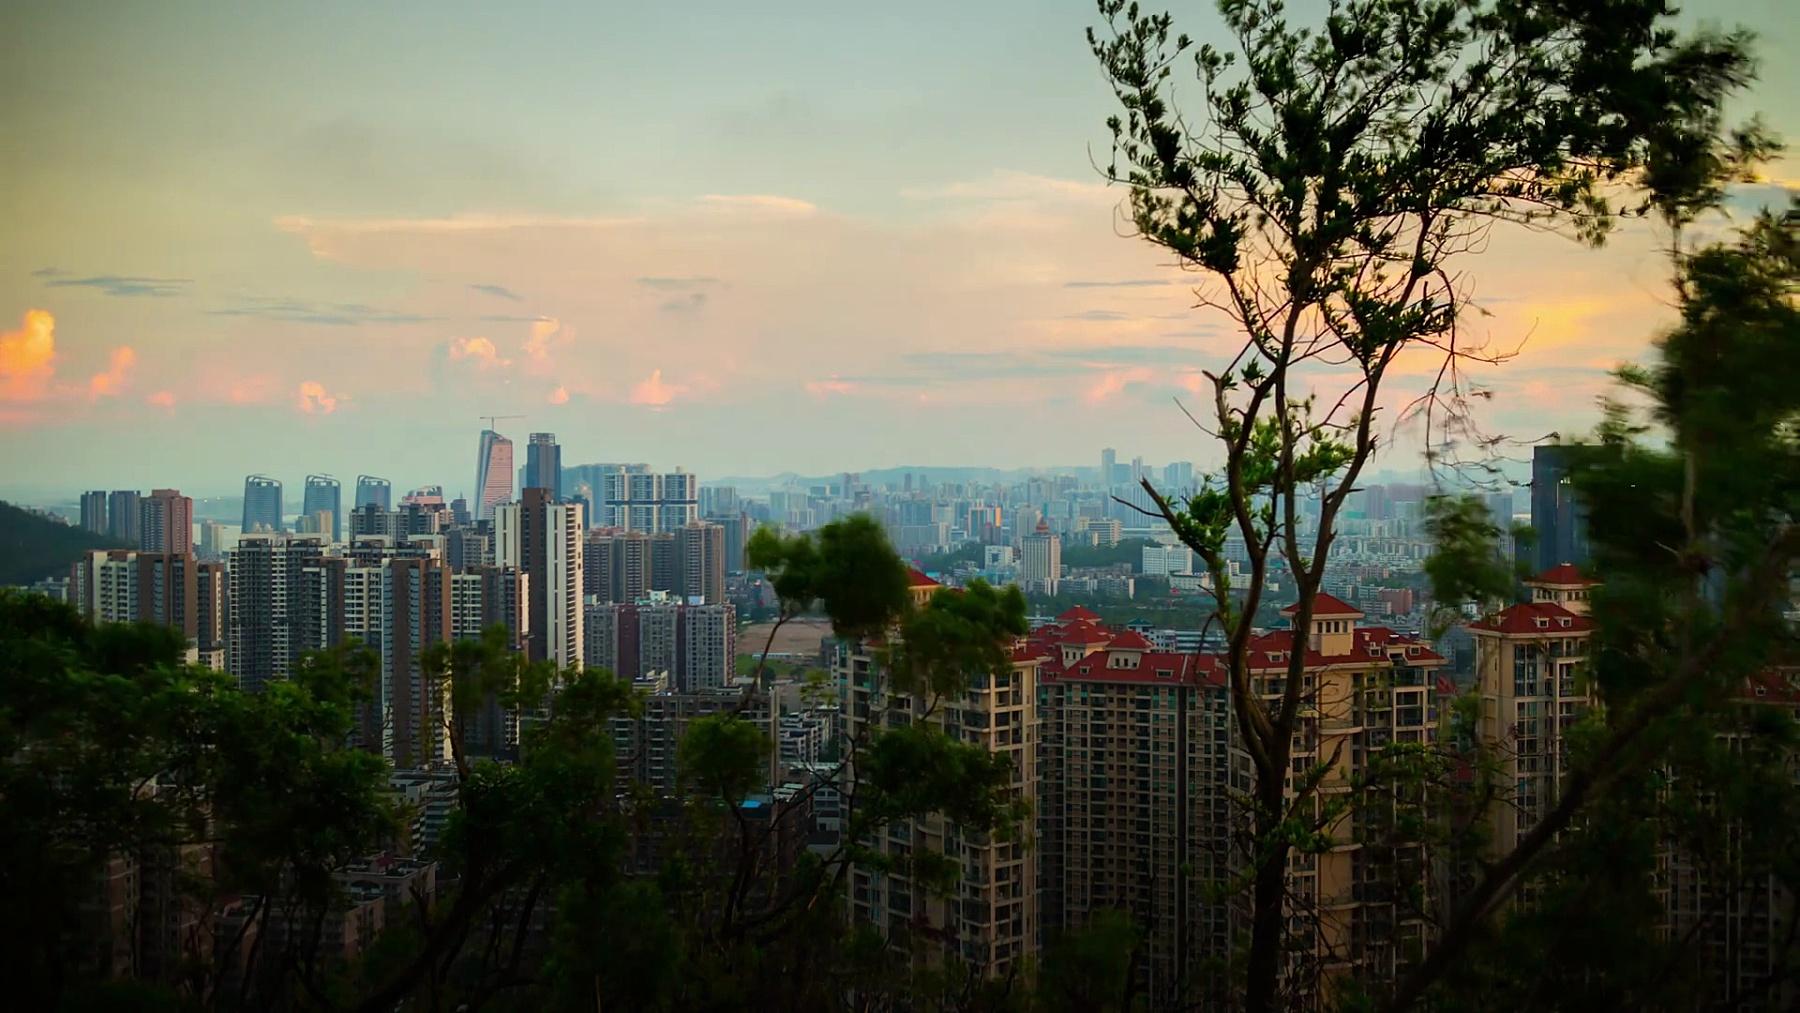 中国日落天空珠海名山公园顶城市景观全景  timelapse